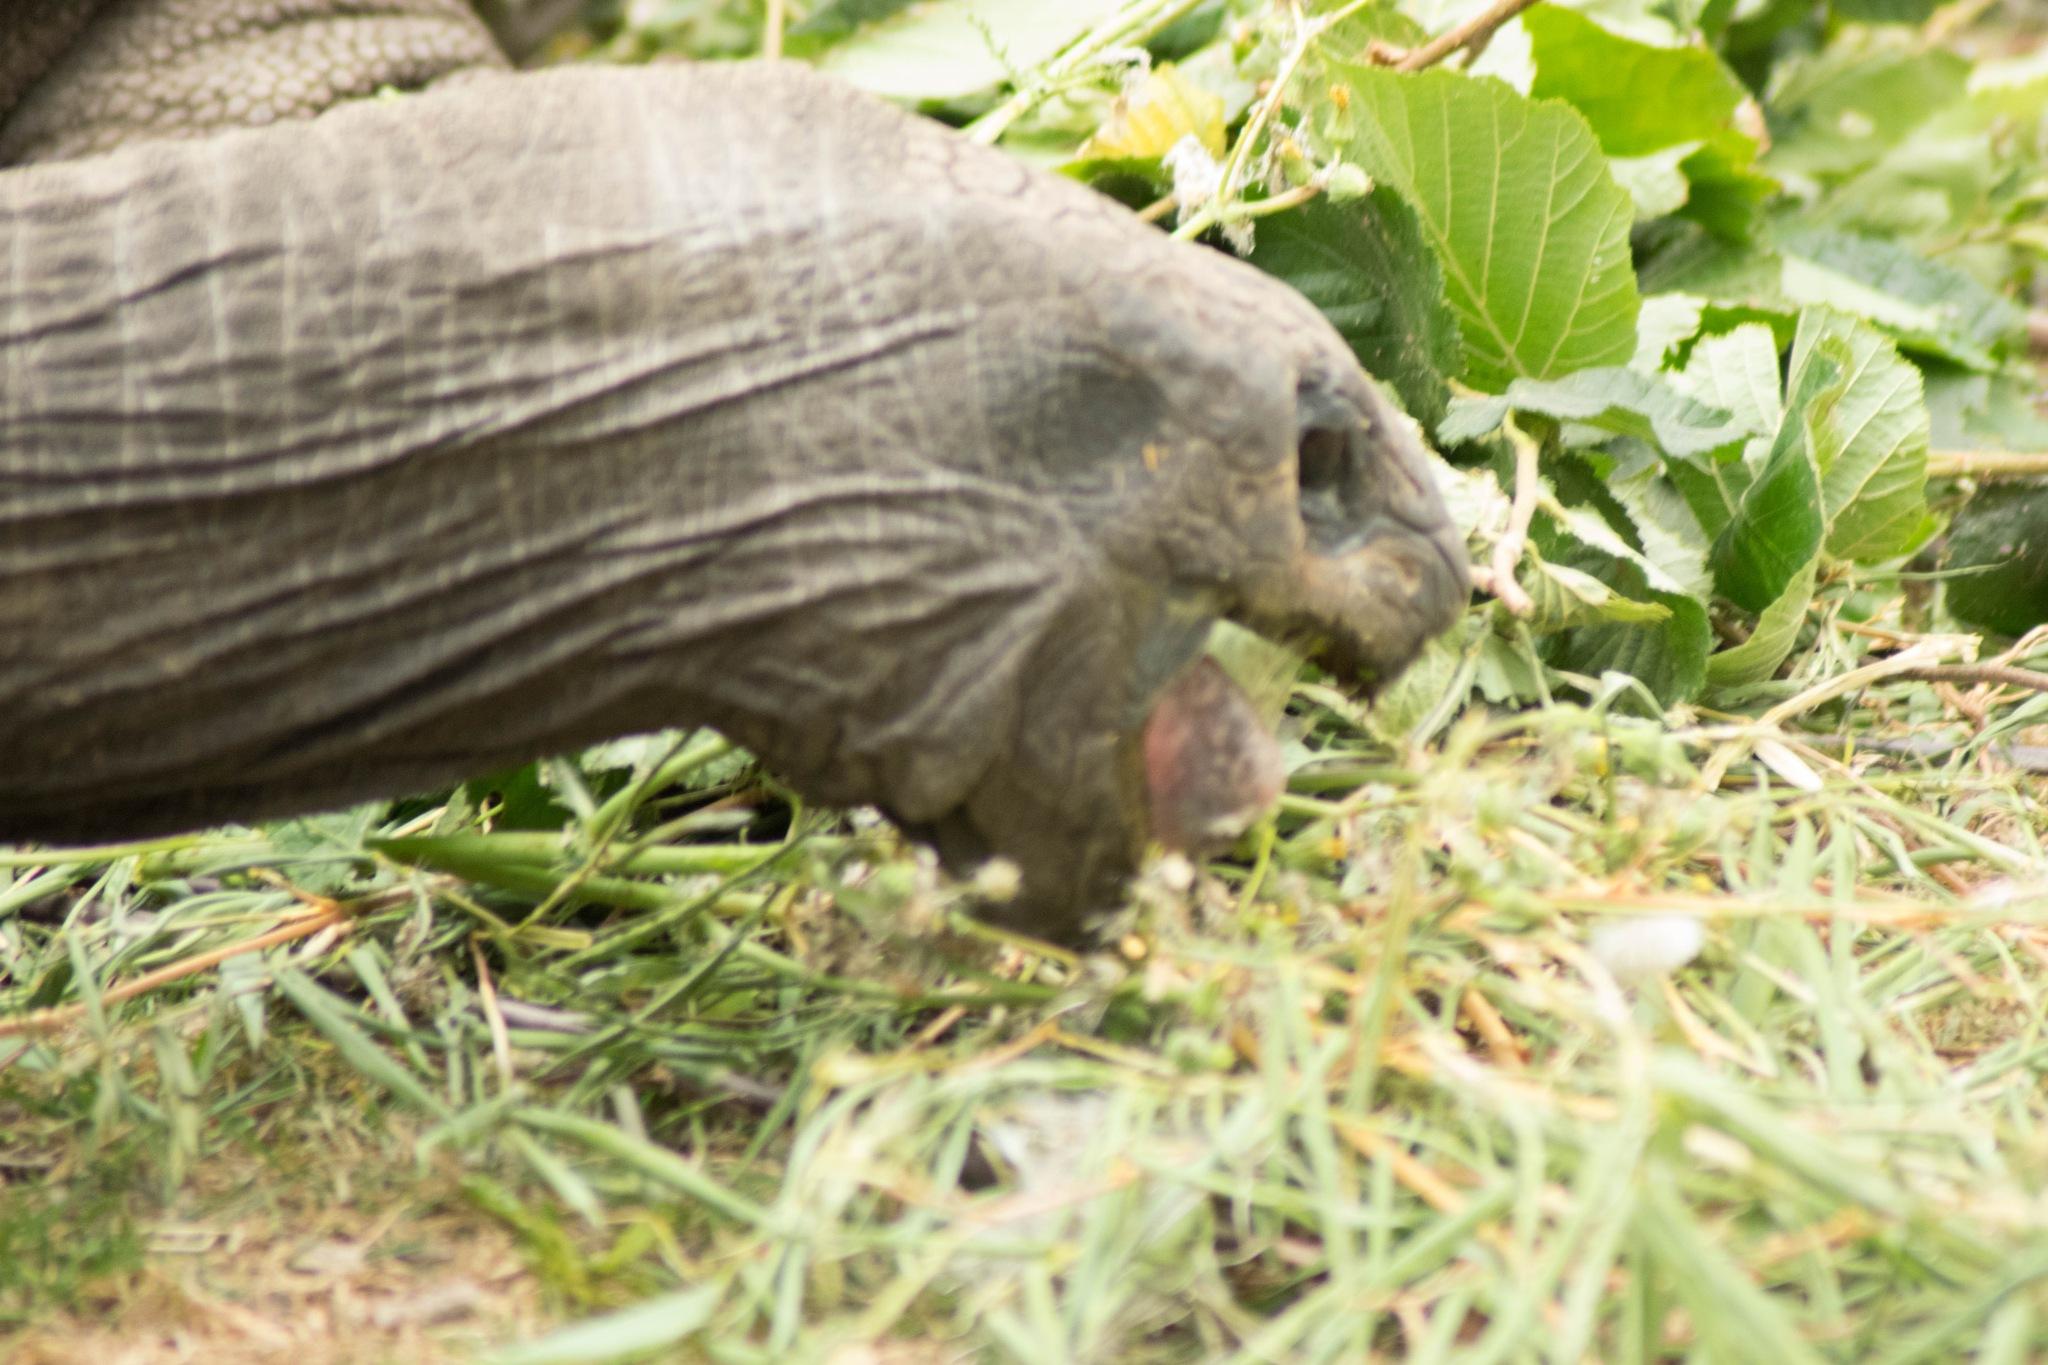 Giant Tortoise Eating by Dan Waters